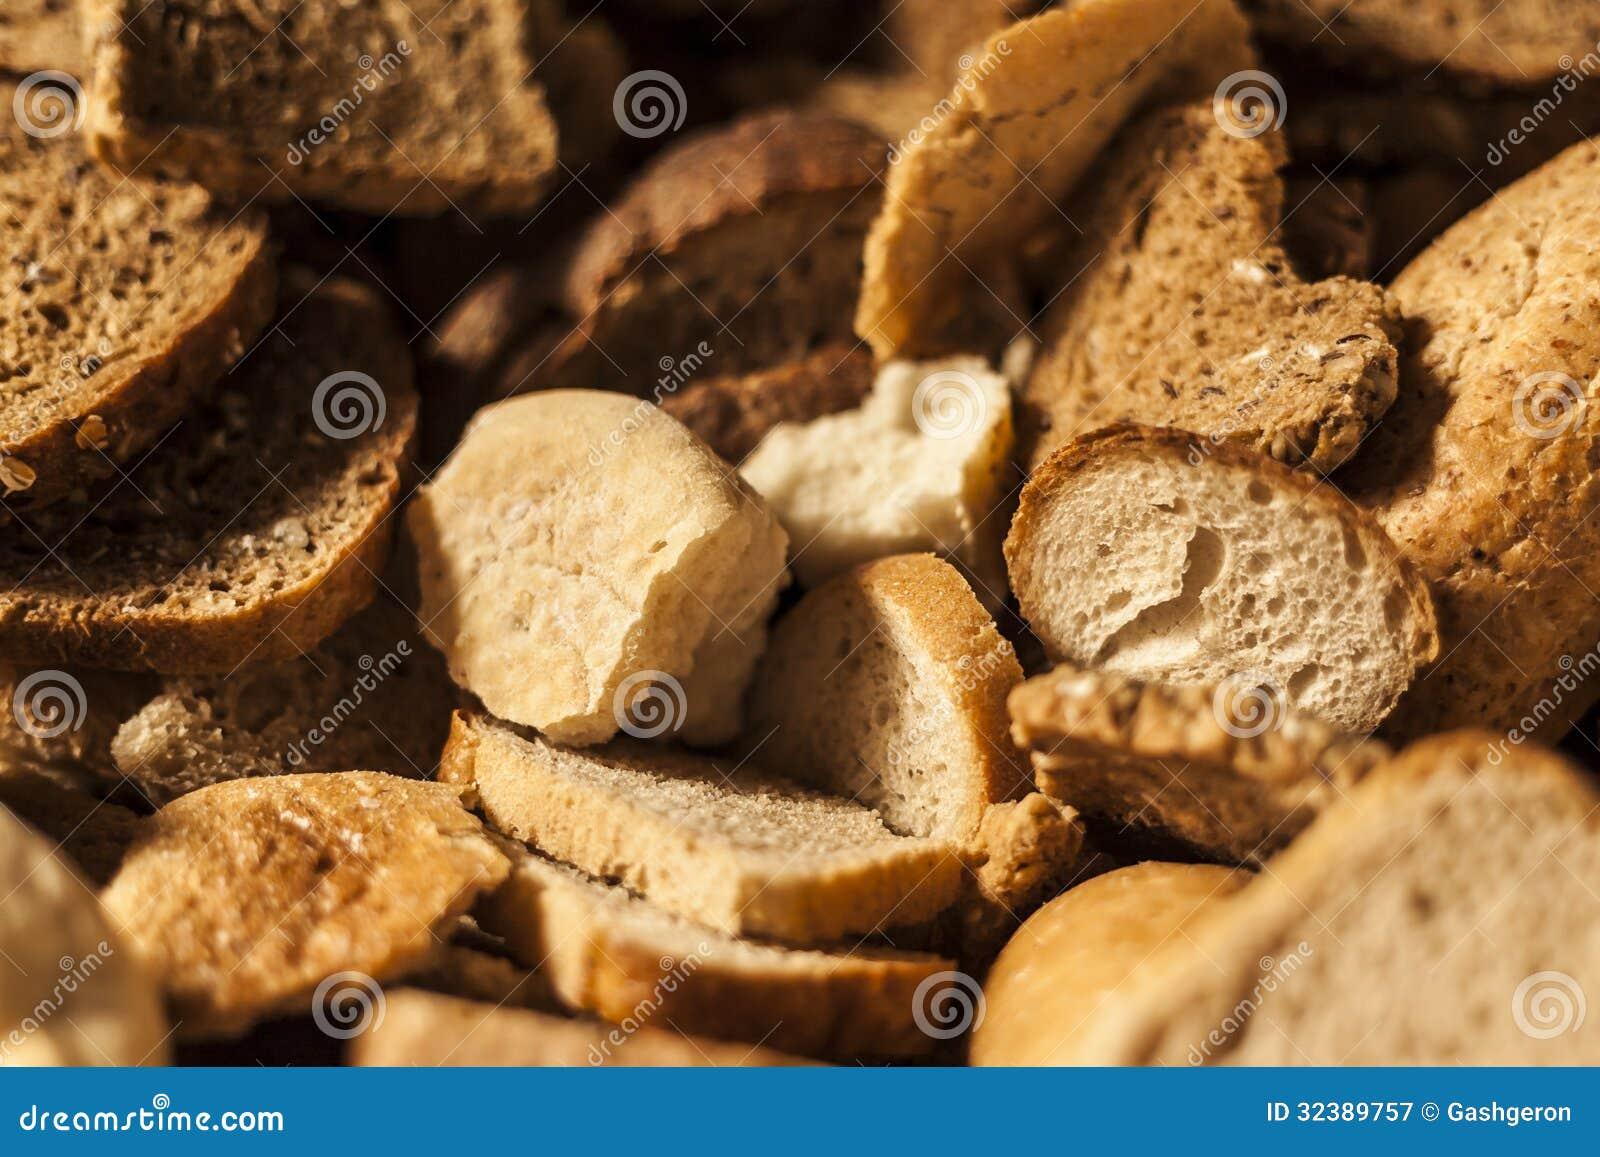 许多切片干硬面包